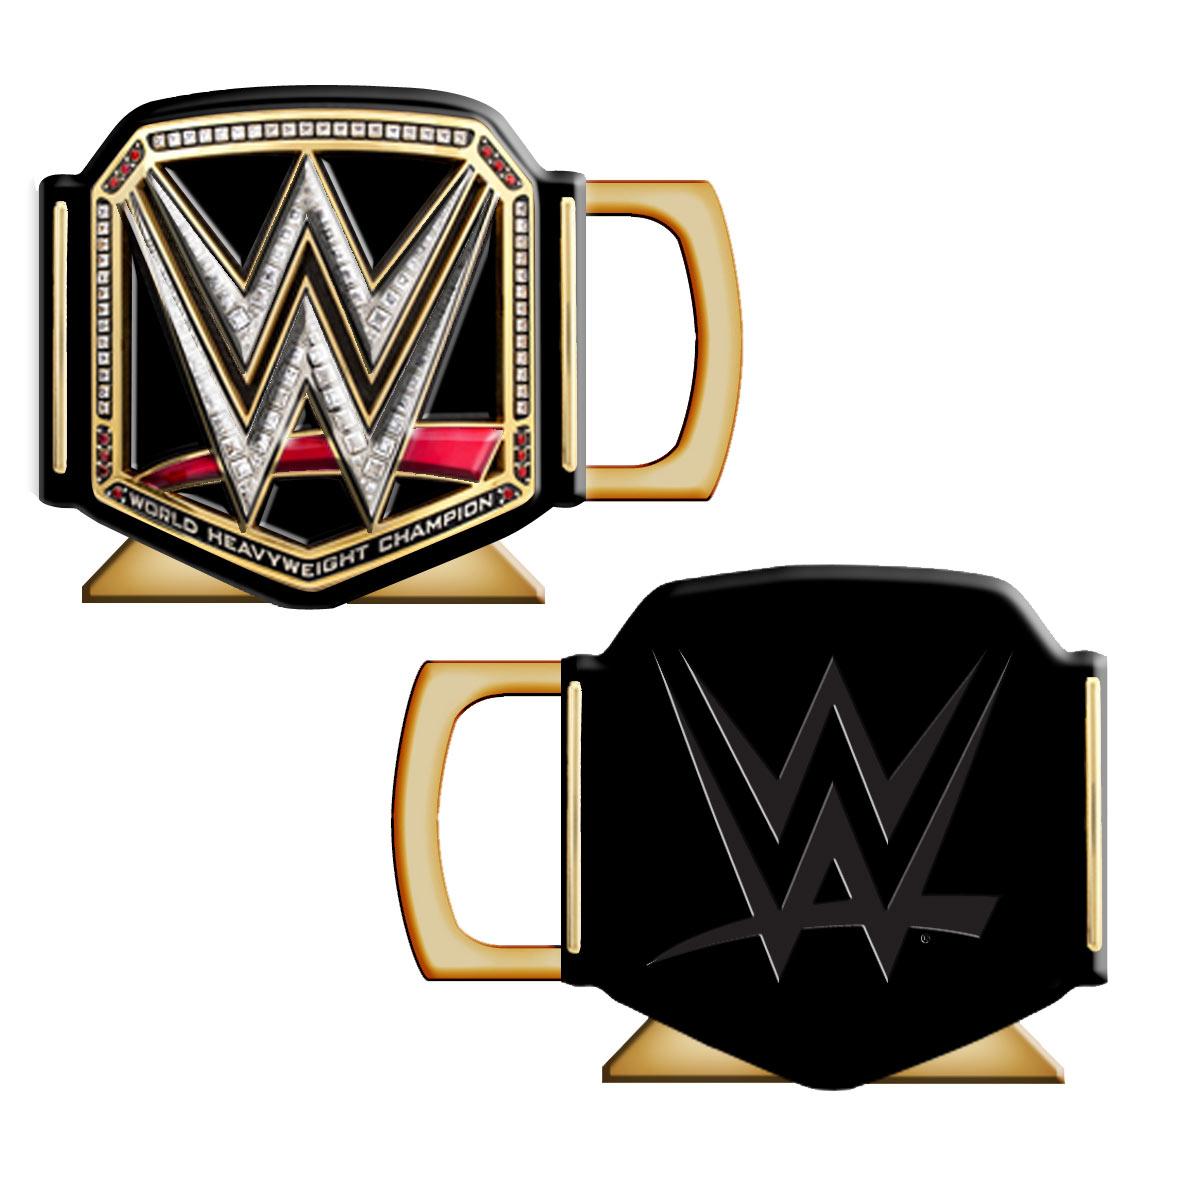 WWE Championship Belt Mug